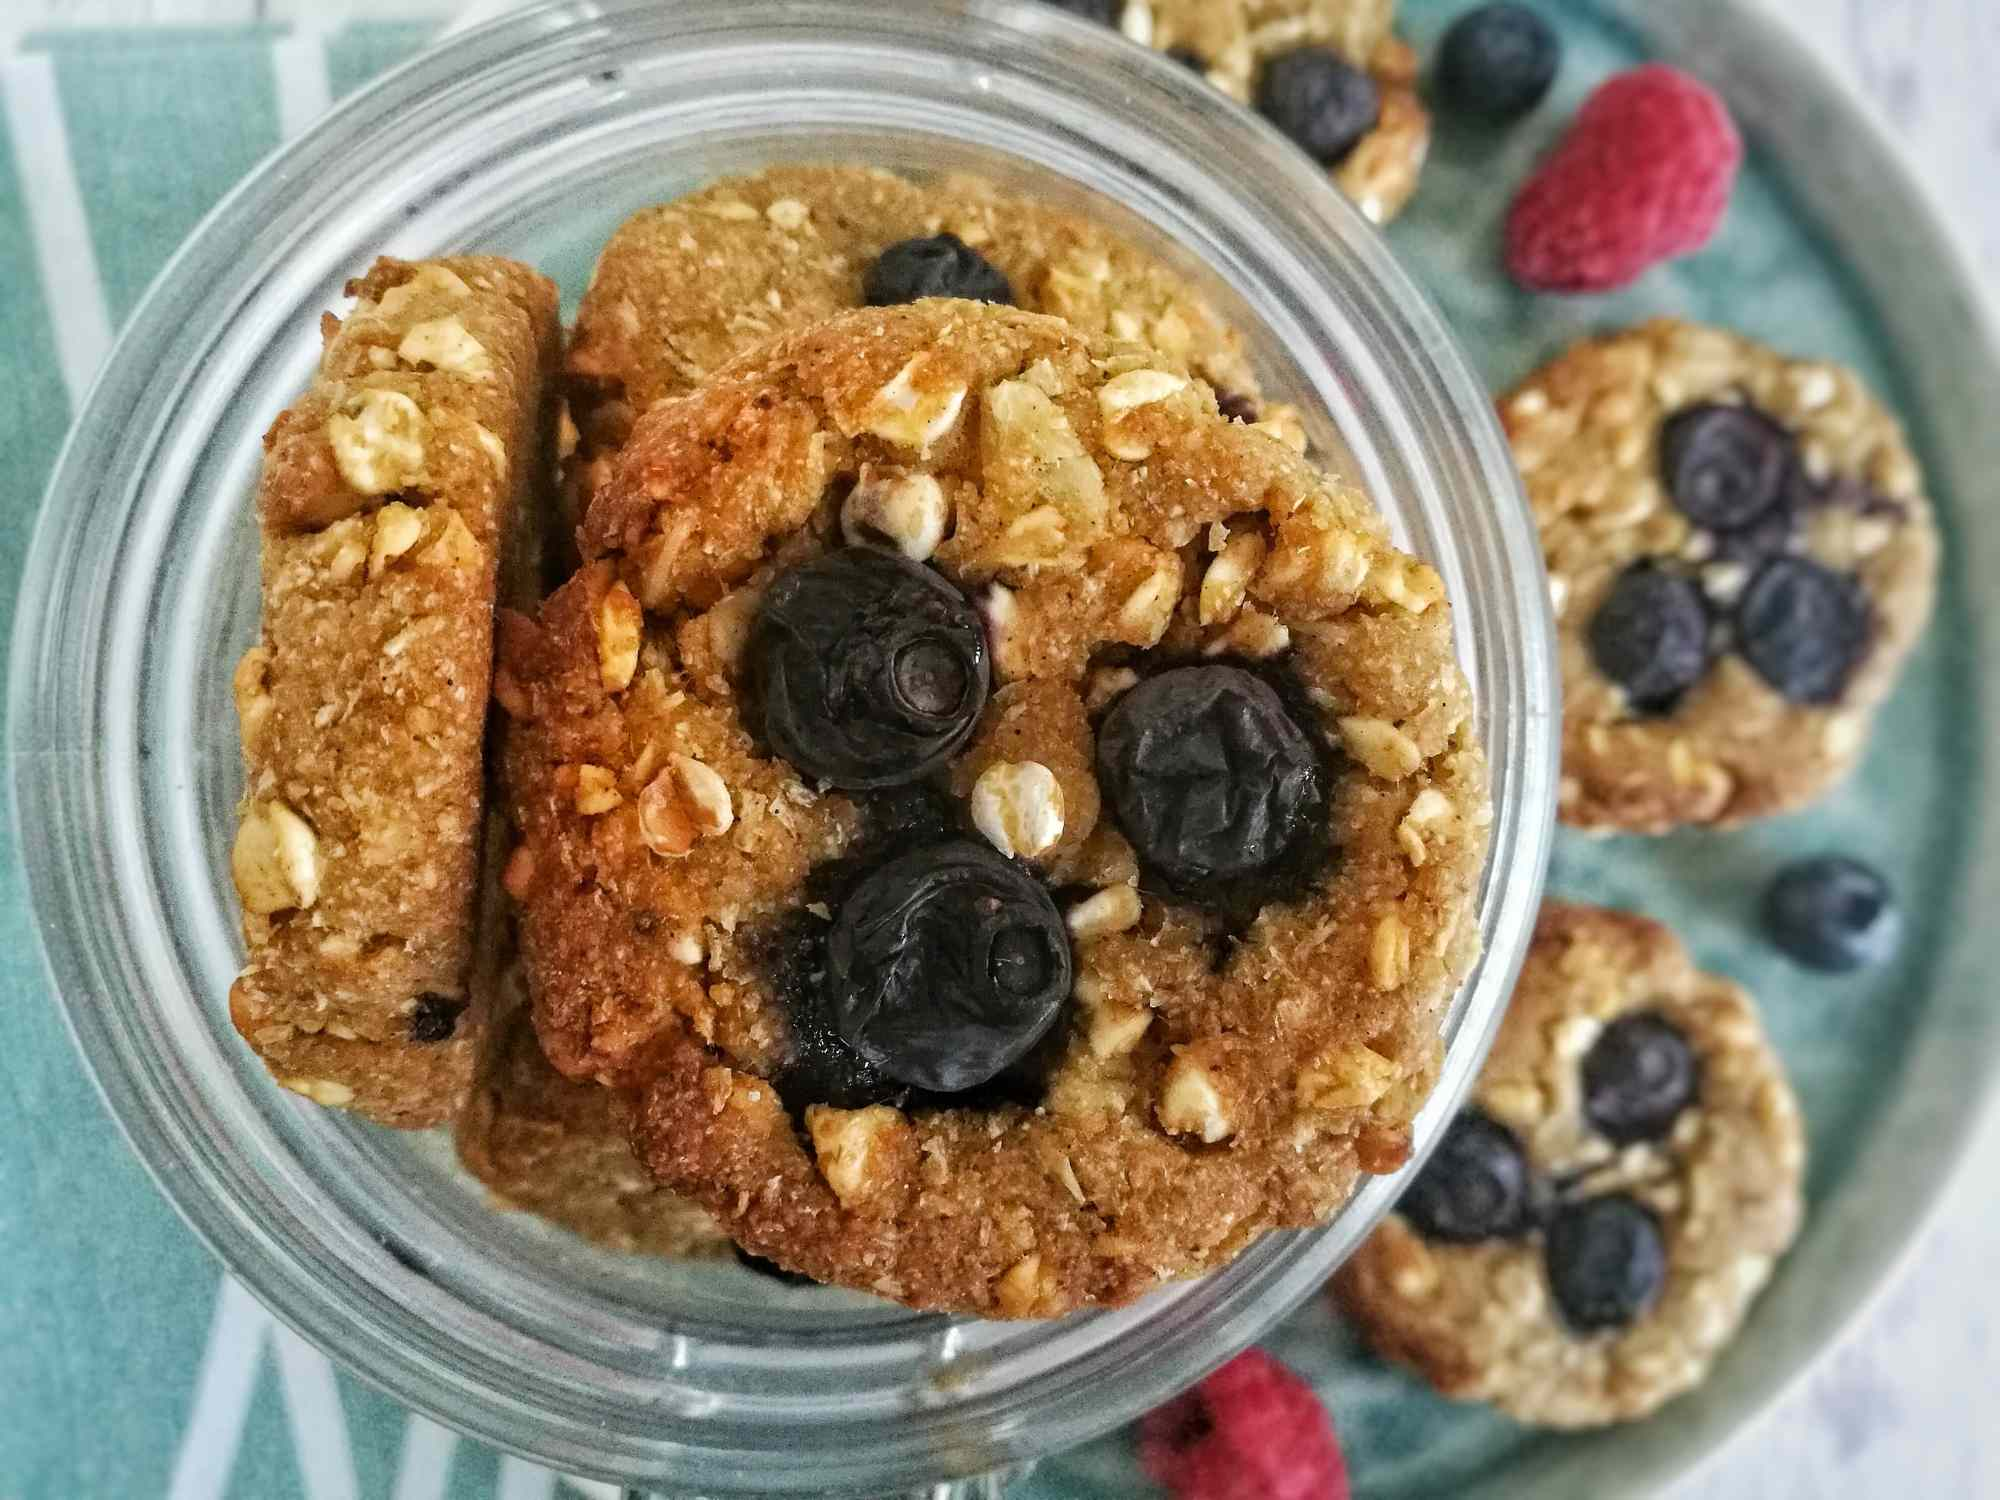 Biscotti di grano saraceno soffiato, fiocchi d'avena ed acqua di cocco: Ingredienti - Non Chiamatela Dieta